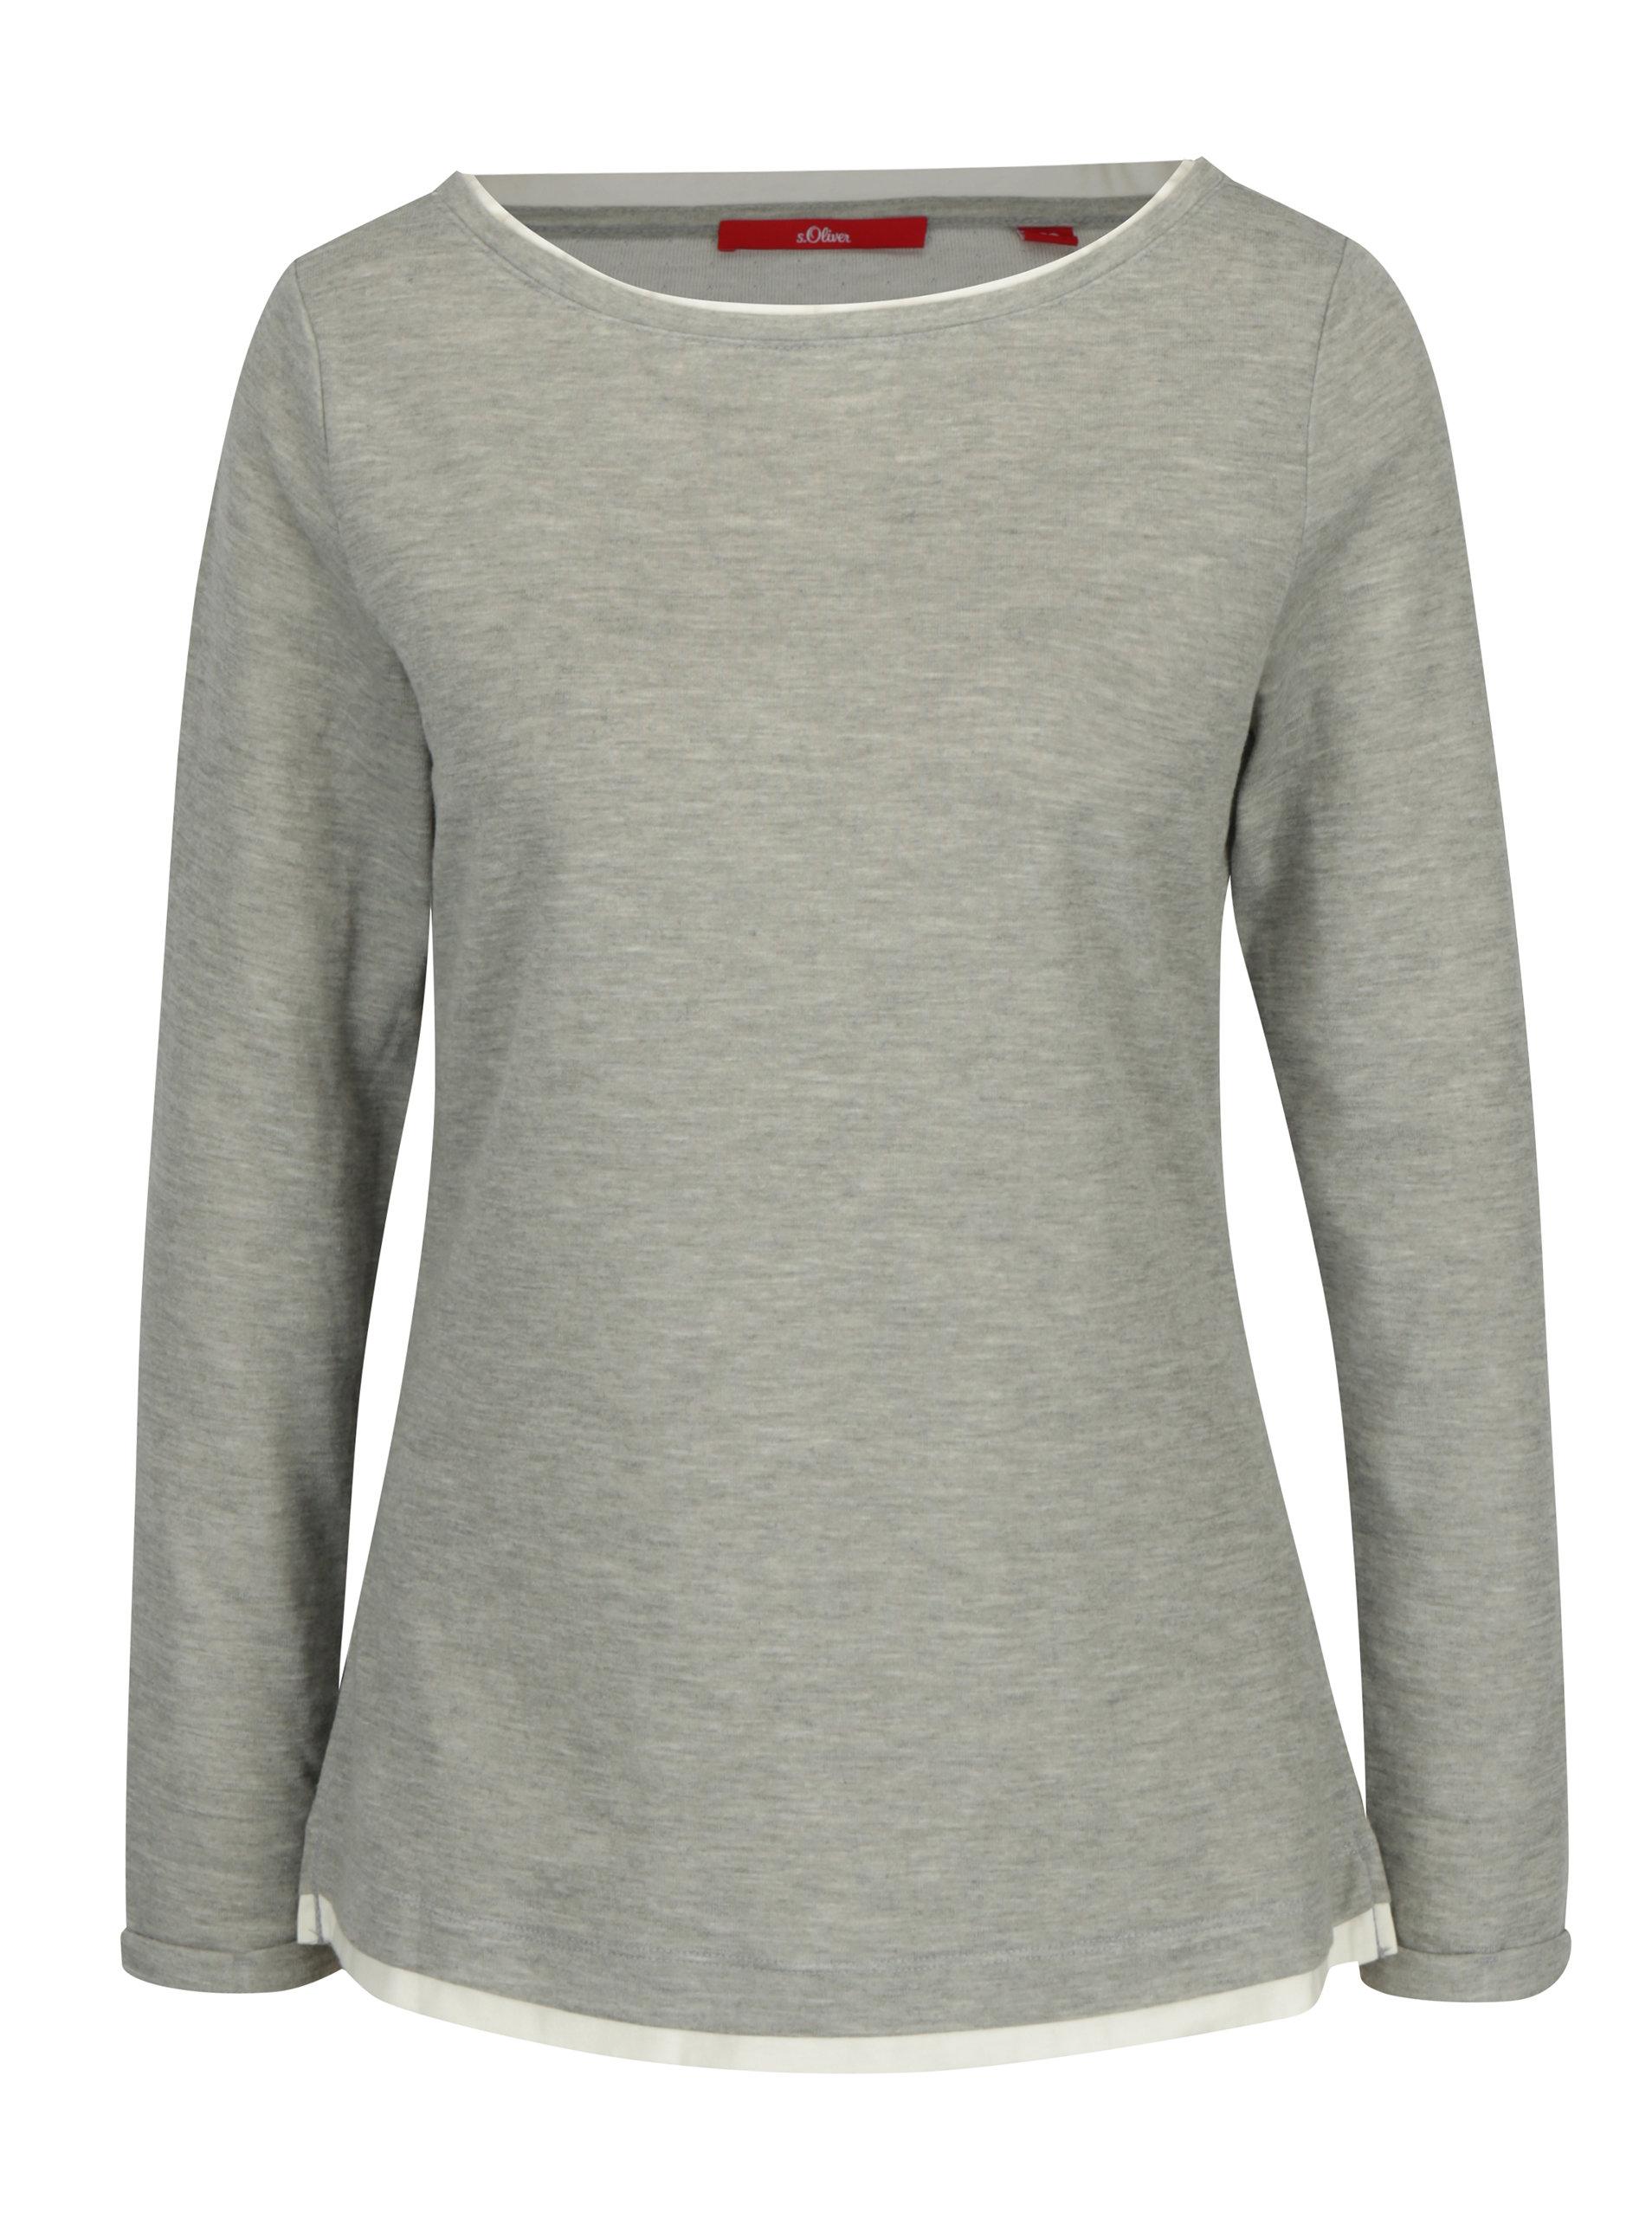 Šedé dámské tričko s dlouhým rukávem s.Oliver  c2bc225986